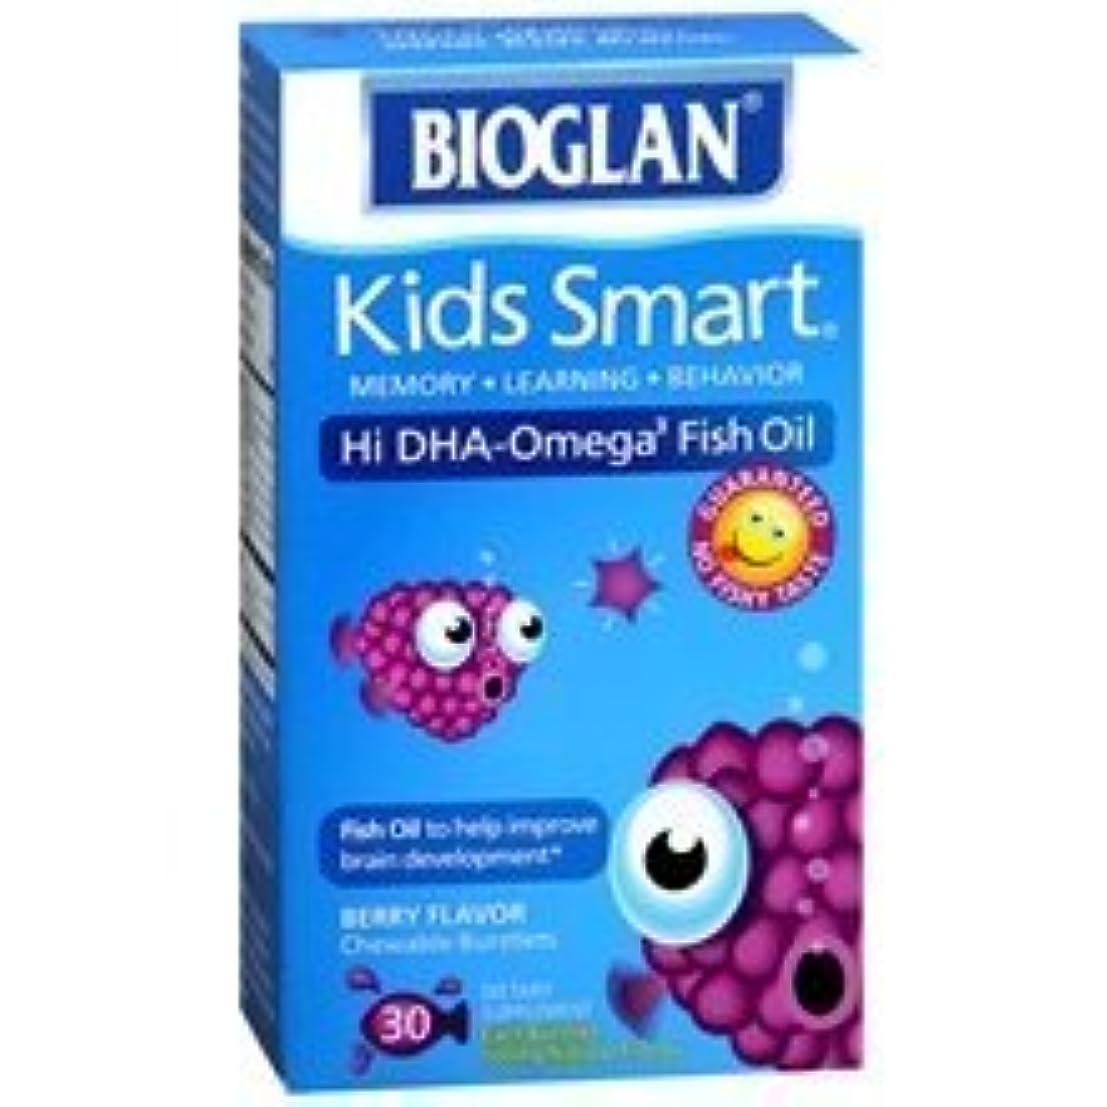 息を切らして相互ベジタリアンBioglan Kids Smart Hi DHA-Omega3 Fish Oil 500 mg Dietary Supplement Burstlets Berry Flavor 30.0 ea. (Quantity...